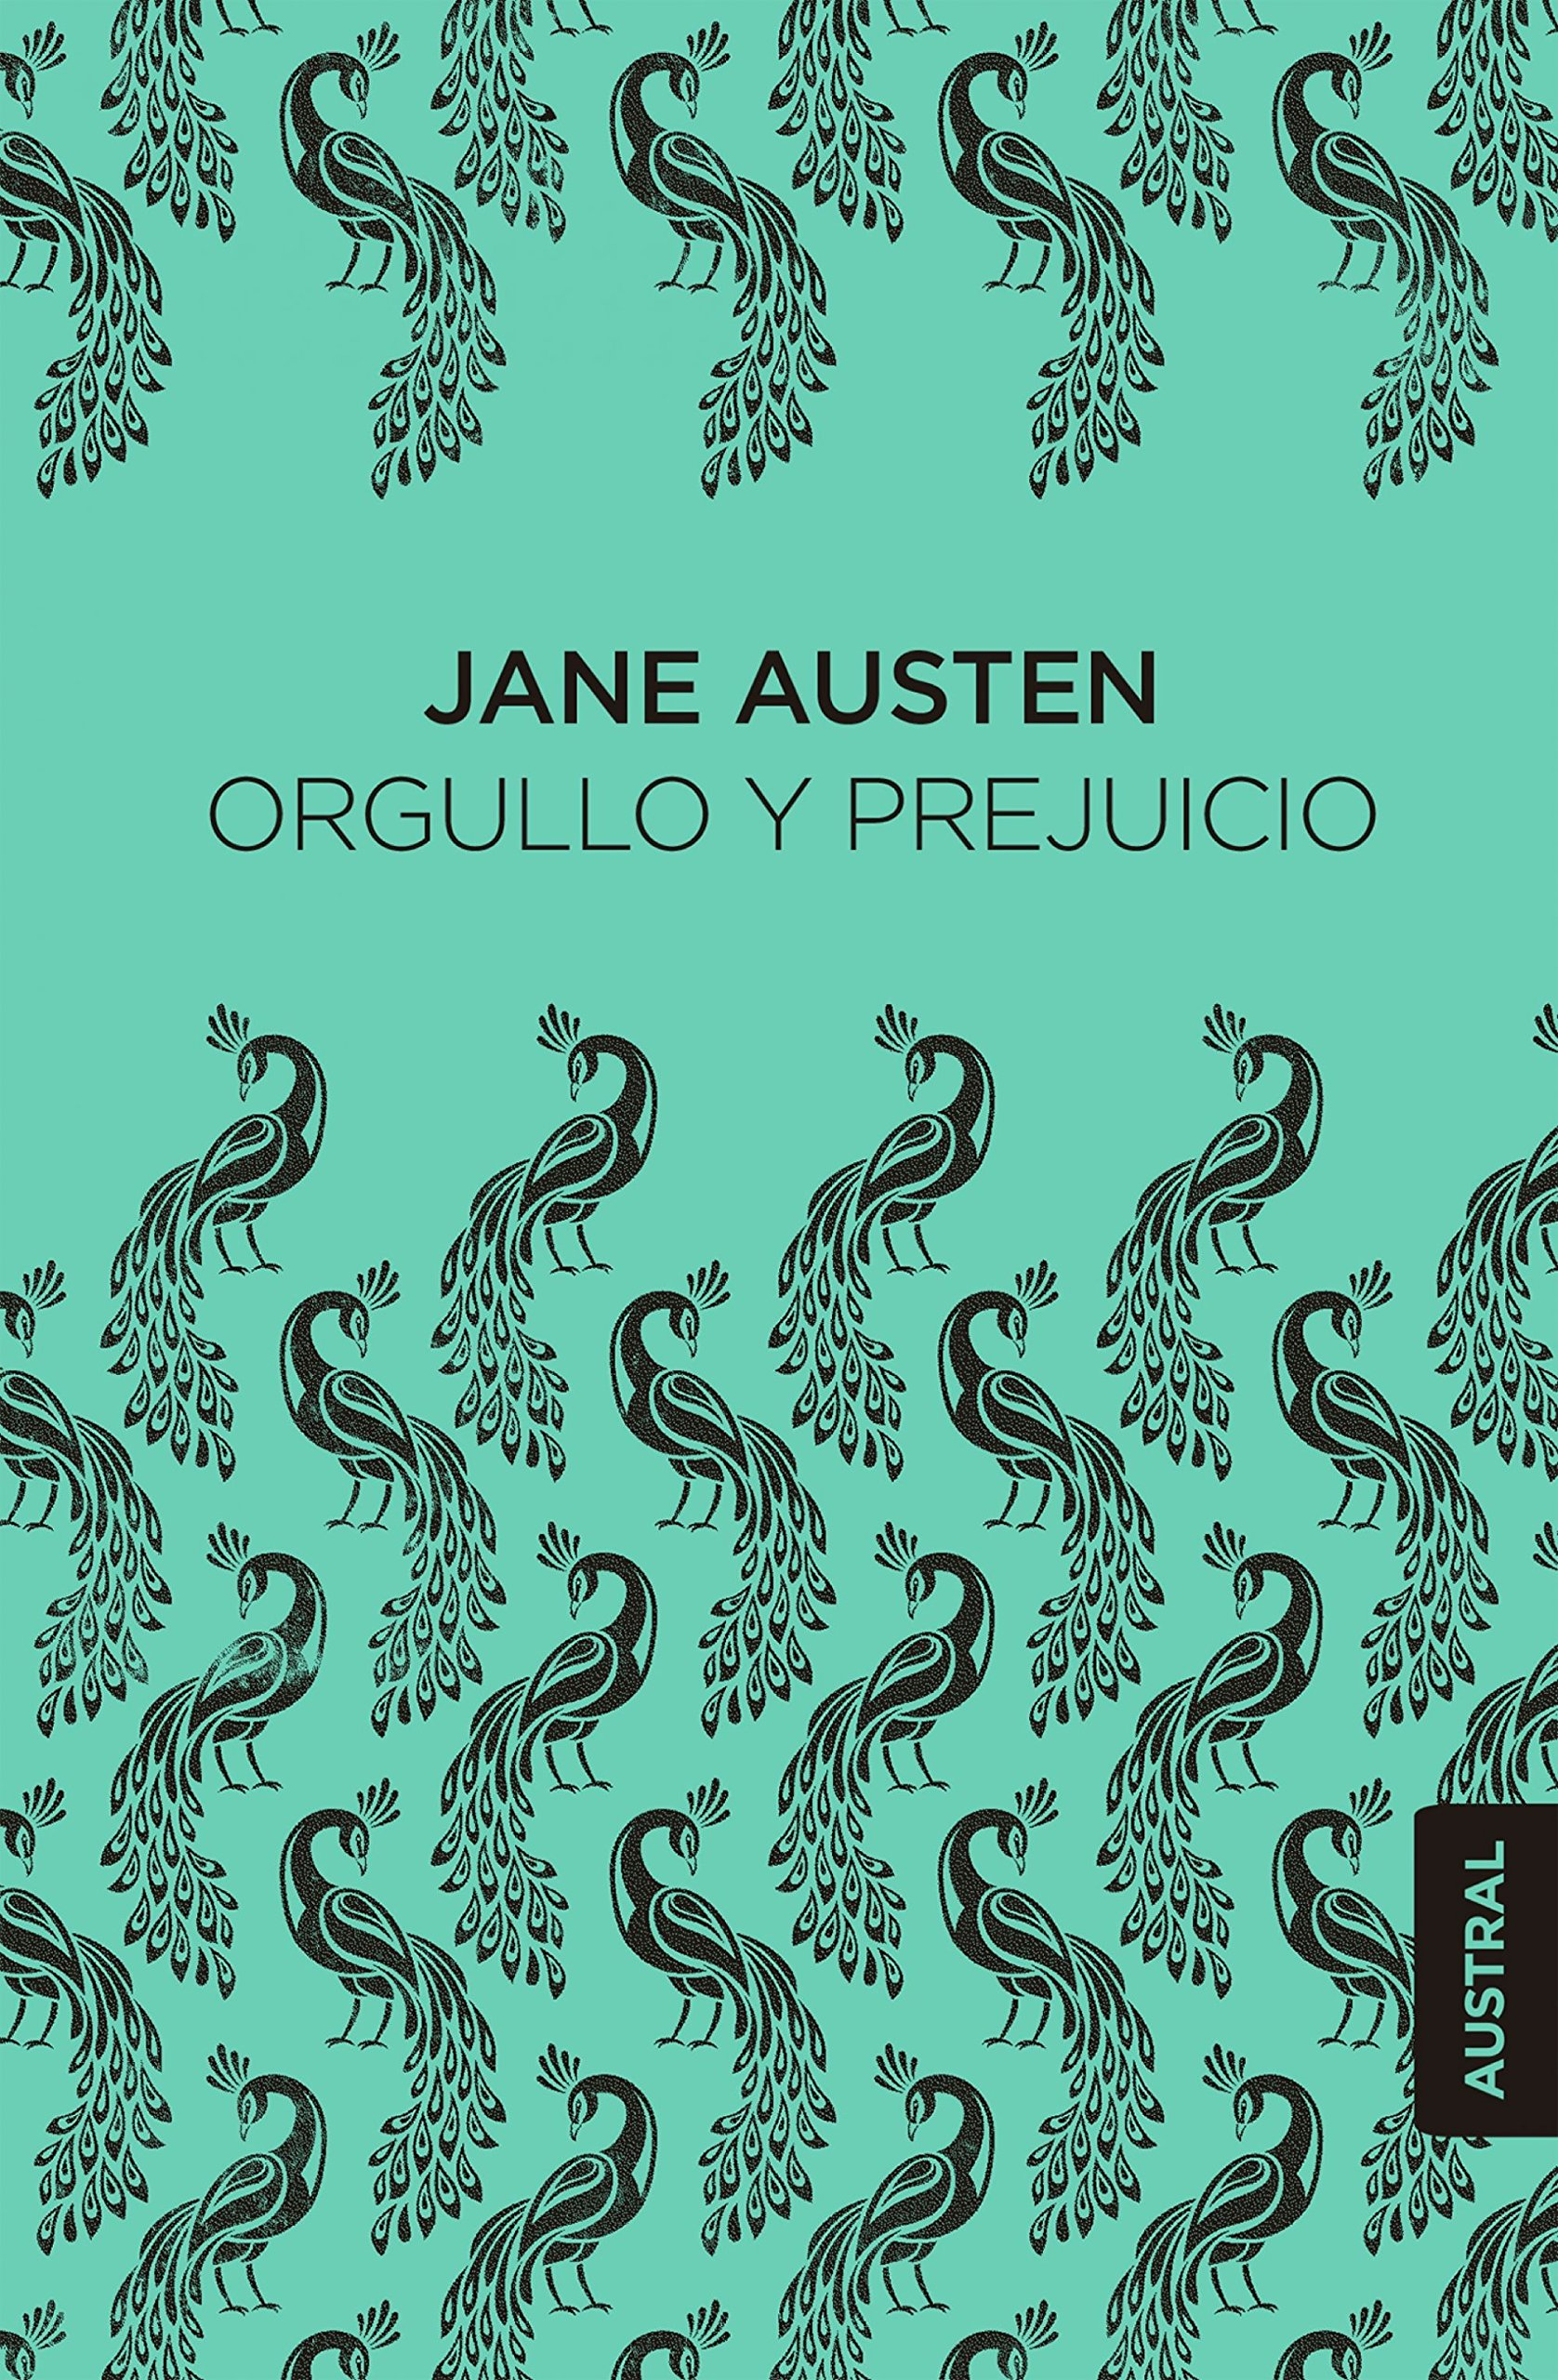 Orgullo y prejuicio (Austral Singular): Amazon.es: Austen, Jane, Vales, José C.: Libros